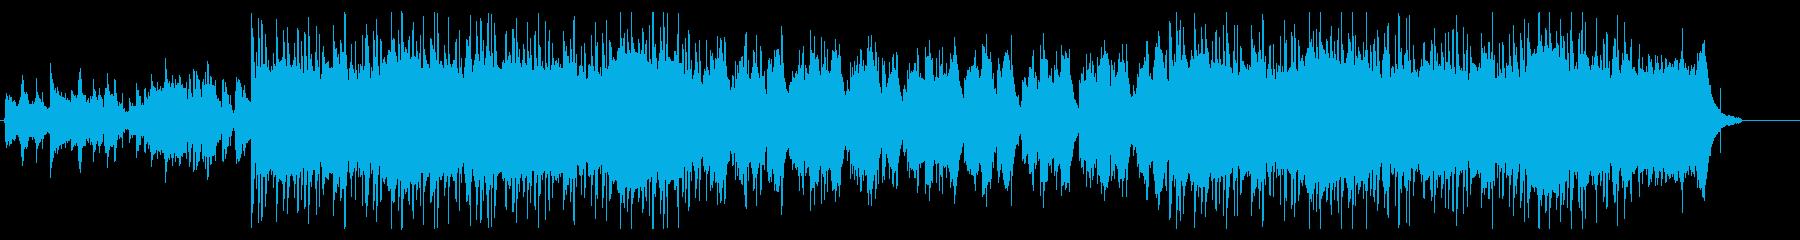 琴と尺八がメインの和風ヒップホップの再生済みの波形